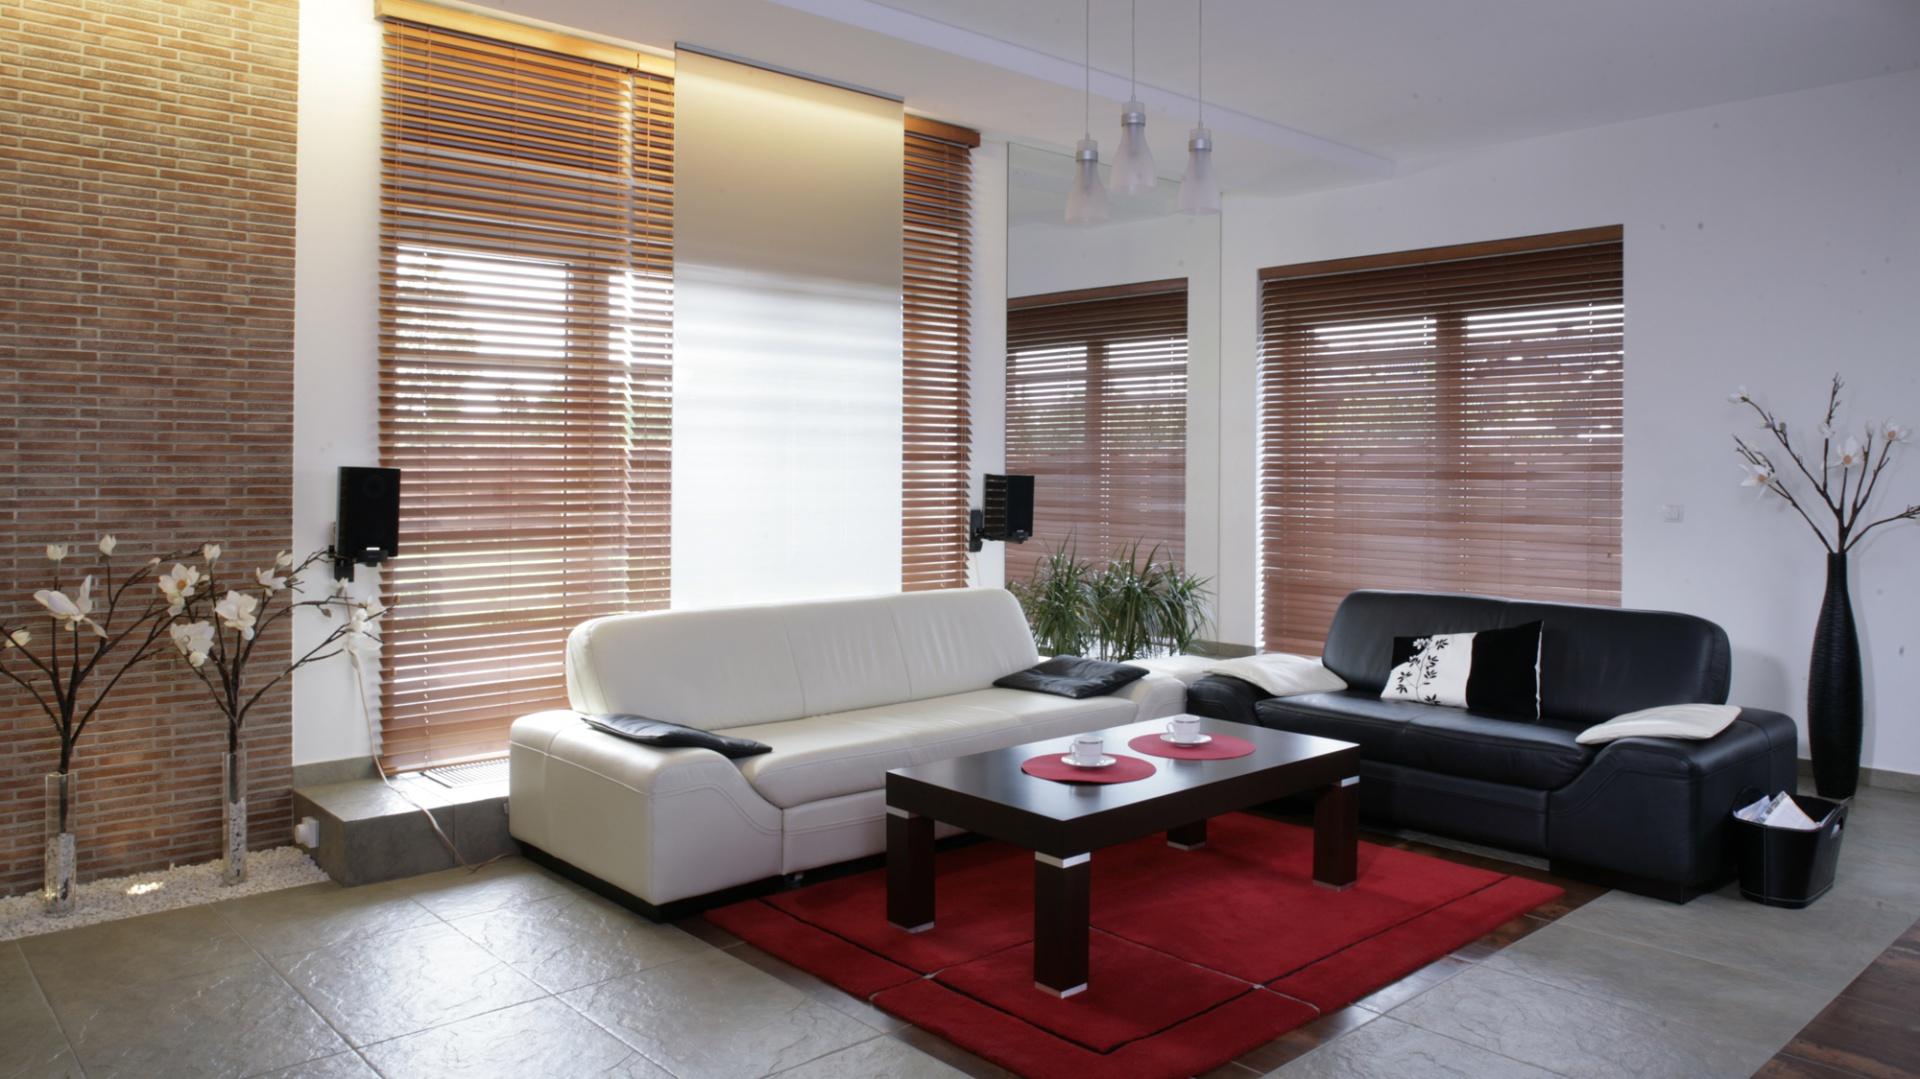 """Zestaw wypoczynkowy (""""Mateo"""", firma Etap) ma prostą formę i szlachetne obicie z miękkiej skóry: kremowej i czarnej. Duże okna zasłaniają drewniane żaluzje, a także specjalnie zaprojektowana ścianka ze szkła matowego, na potrzebę komfortowego oglądania TV. Fot. Monika Filipiuk."""